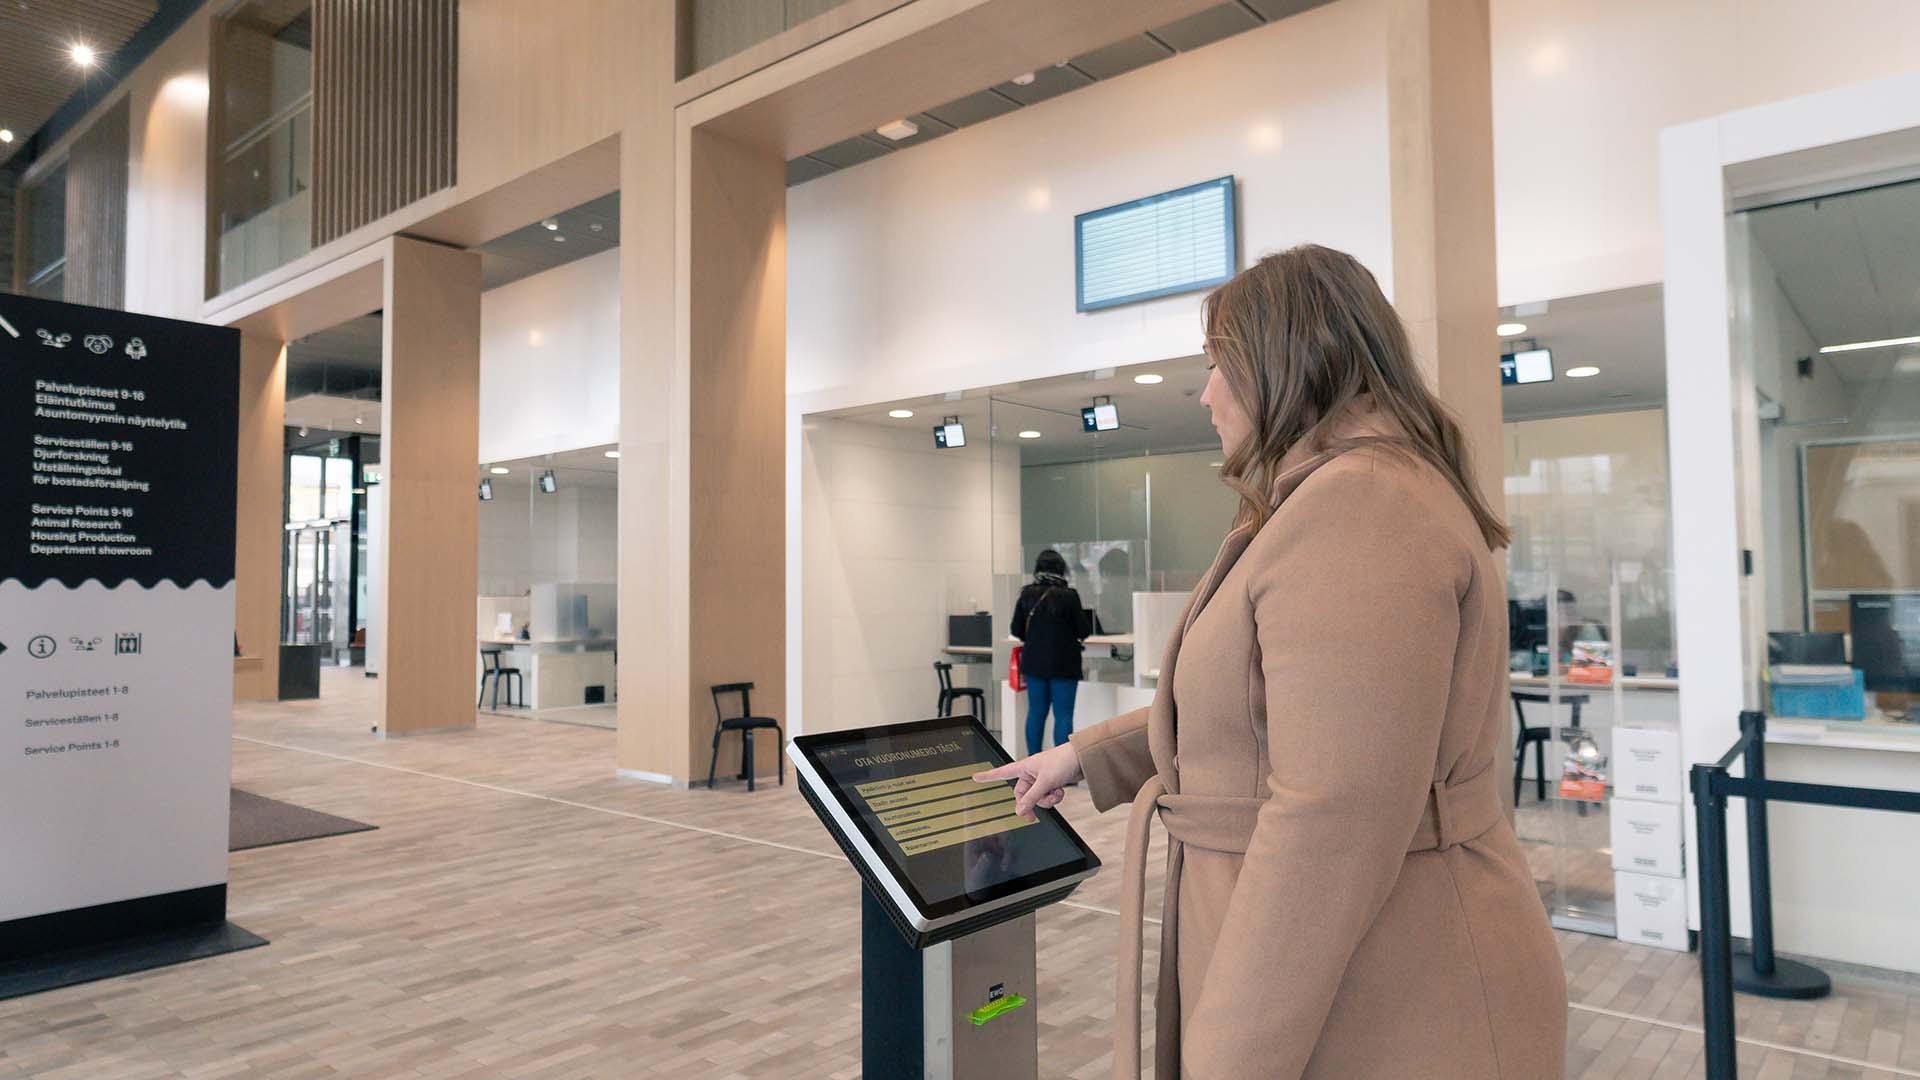 EWQ-Touch lippuautomatti sijaitsee näkyvällä paikalla Kaupunkiympäristötalon aulassa, mistä asiakkaan on helppo valita vuoronumero.